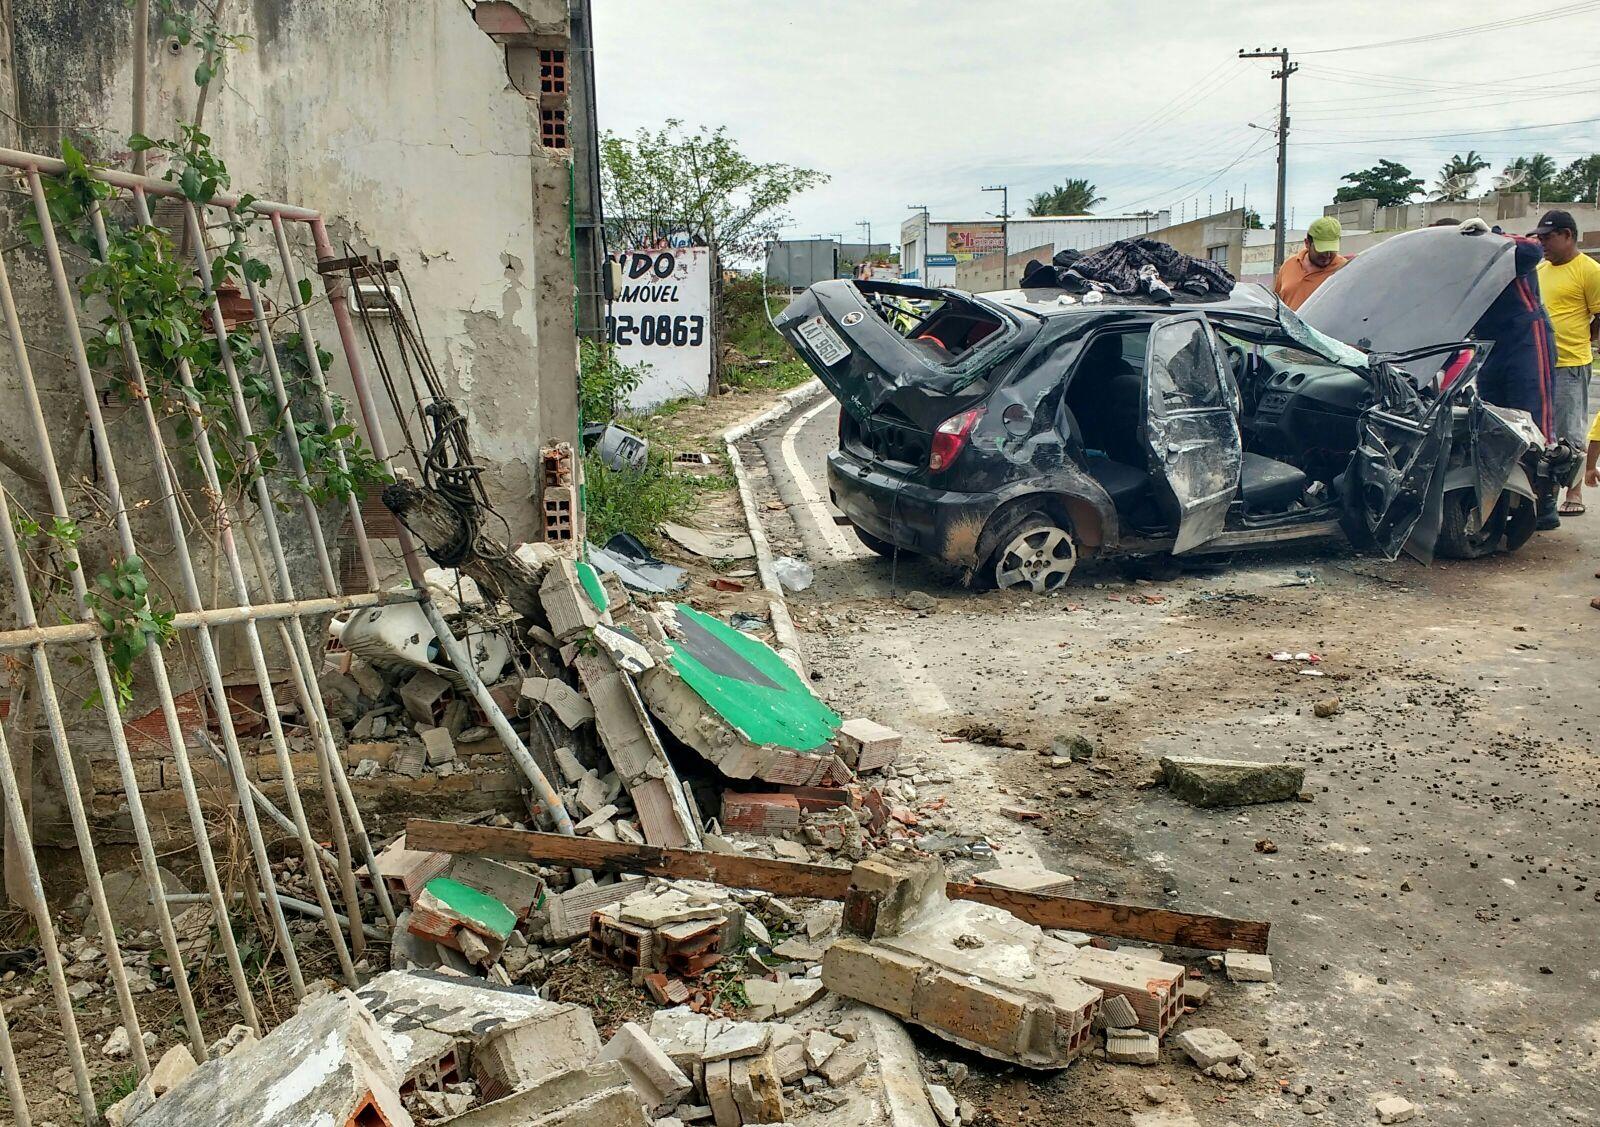 Carro com 4 ocupantes capota na Rodovia João Paulo II em Itabaiana após motorista perder o controle da direção